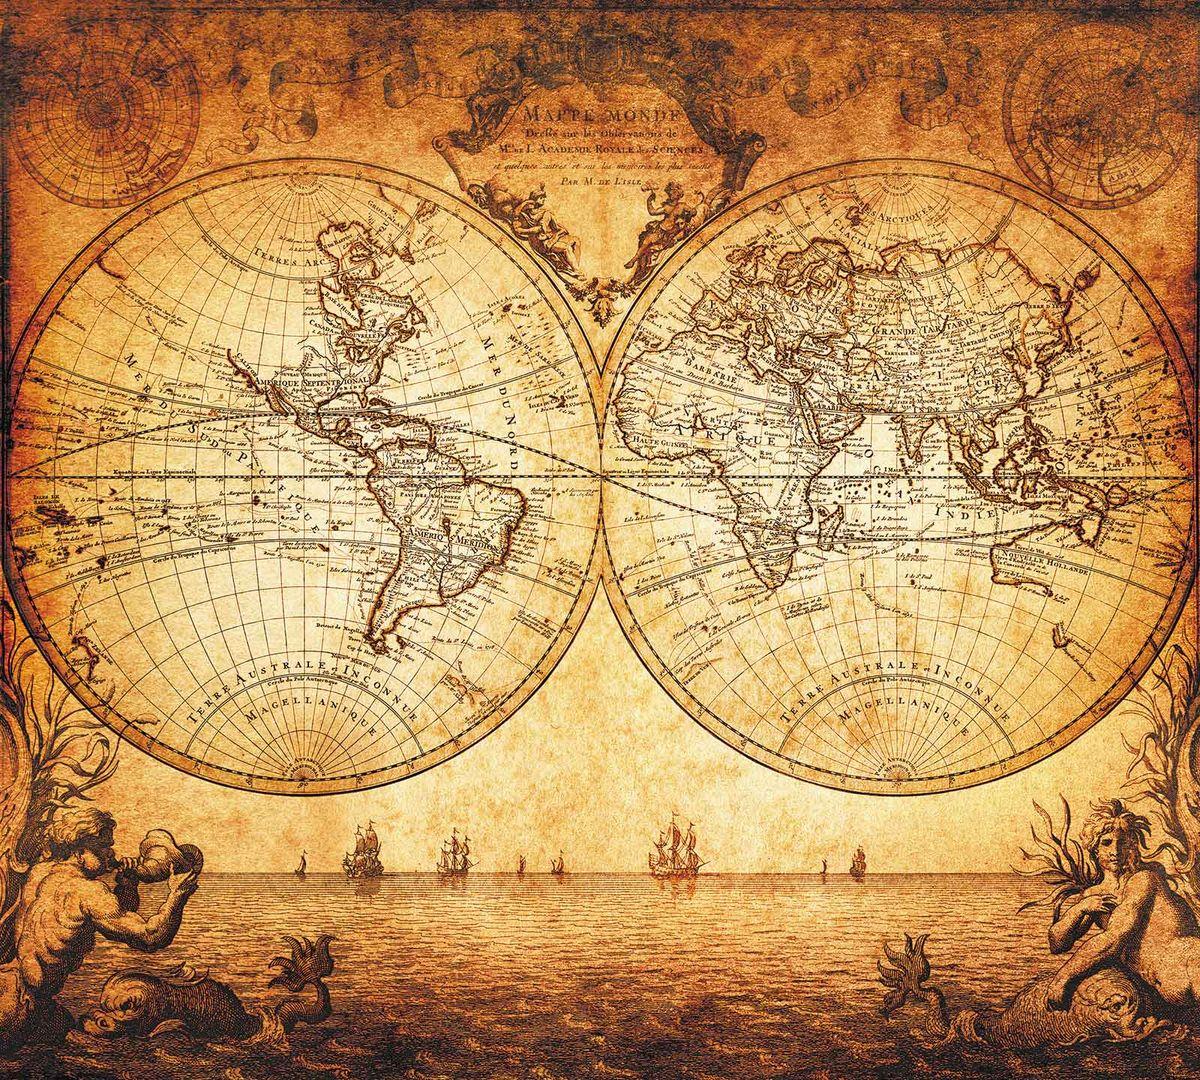 Фотообои Milan Старинная карта, текстурные, 300 х 270 см. M 310